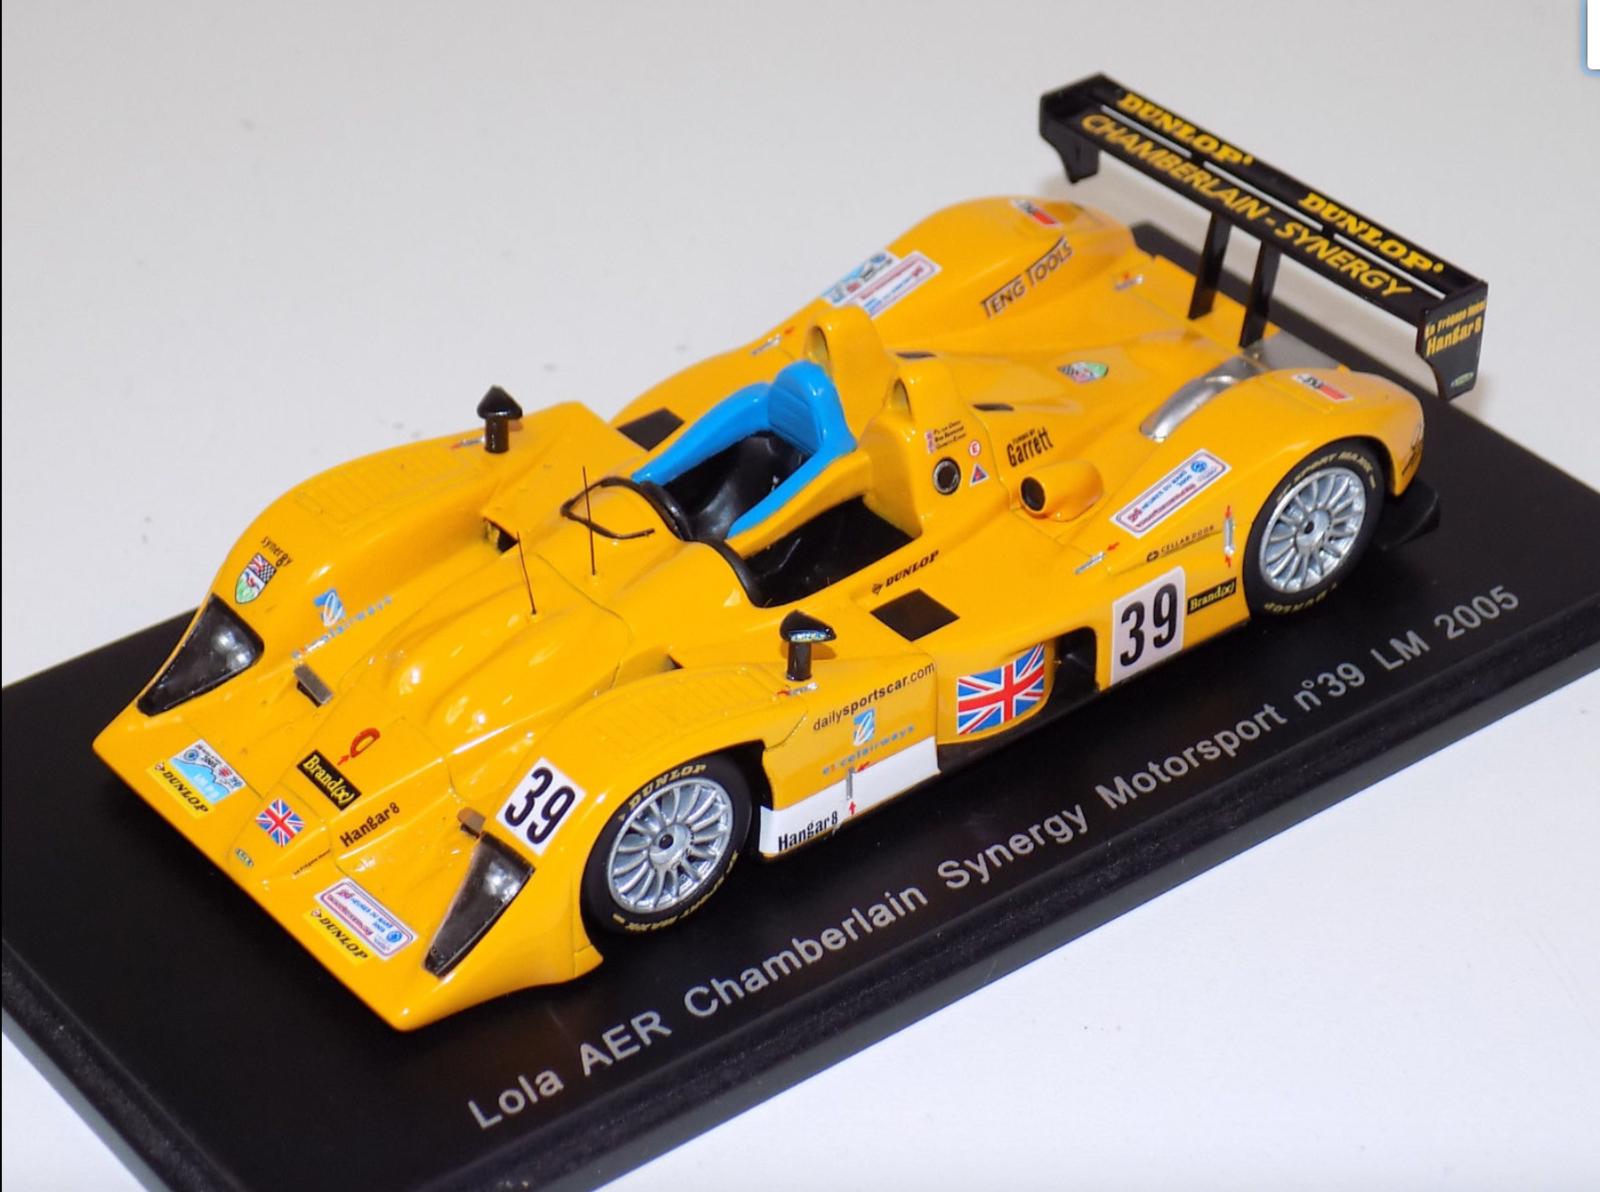 1/43 Spark Models Lola AER coche 39 24 horas de LeMans S0034